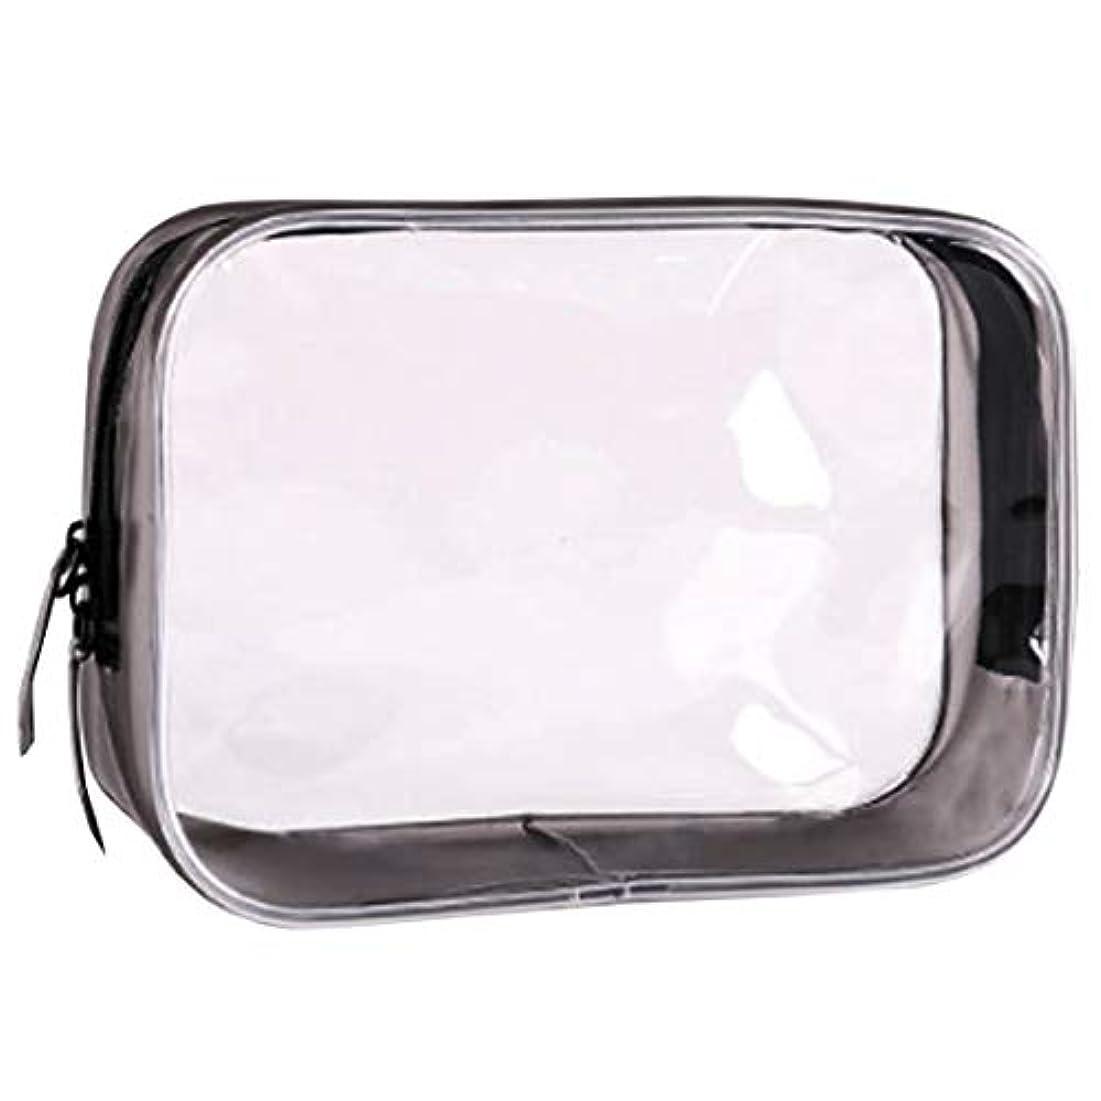 クリアポーチ トラベルポーチ 透明ポーチ ビニールポーチ PVC 化粧品収納 小物入れ 防水 (L)